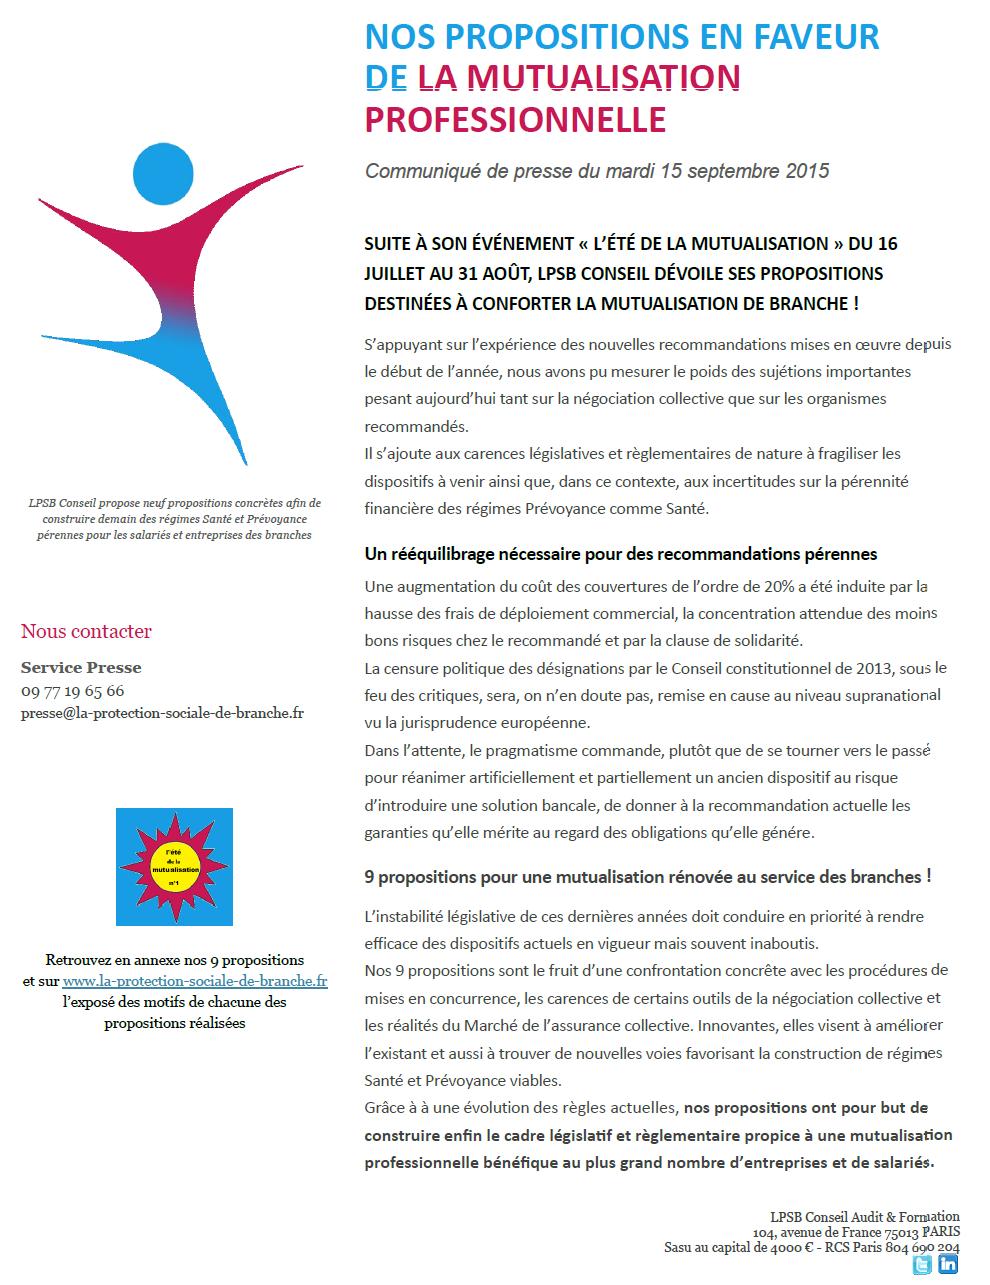 """CP du 15/09/2015 : """"Nos propositions en faveur de la mutualisation professionnelle"""""""